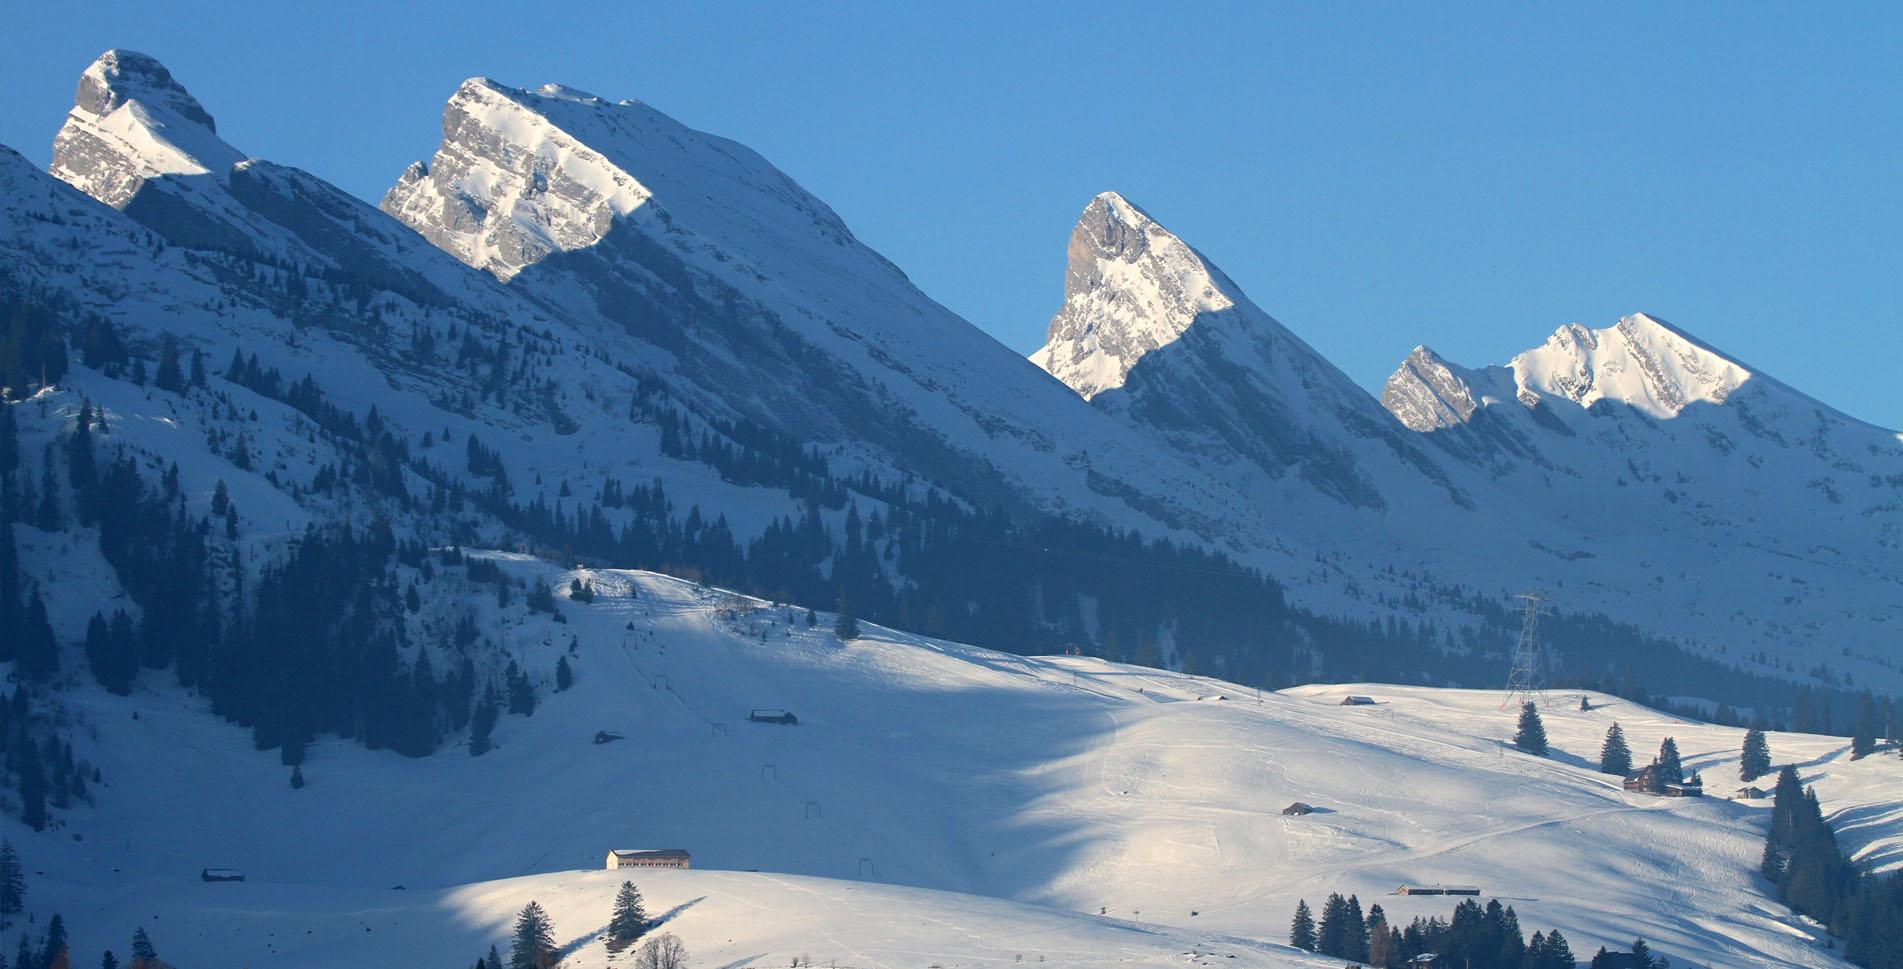 Winterwanderung von Wildhaus im Toggenburg auf die Hochebene Gamplüt und zum Aussichtspunkt Alp Gros und wieder zurück auf dem Rundweg nach Wildhaus